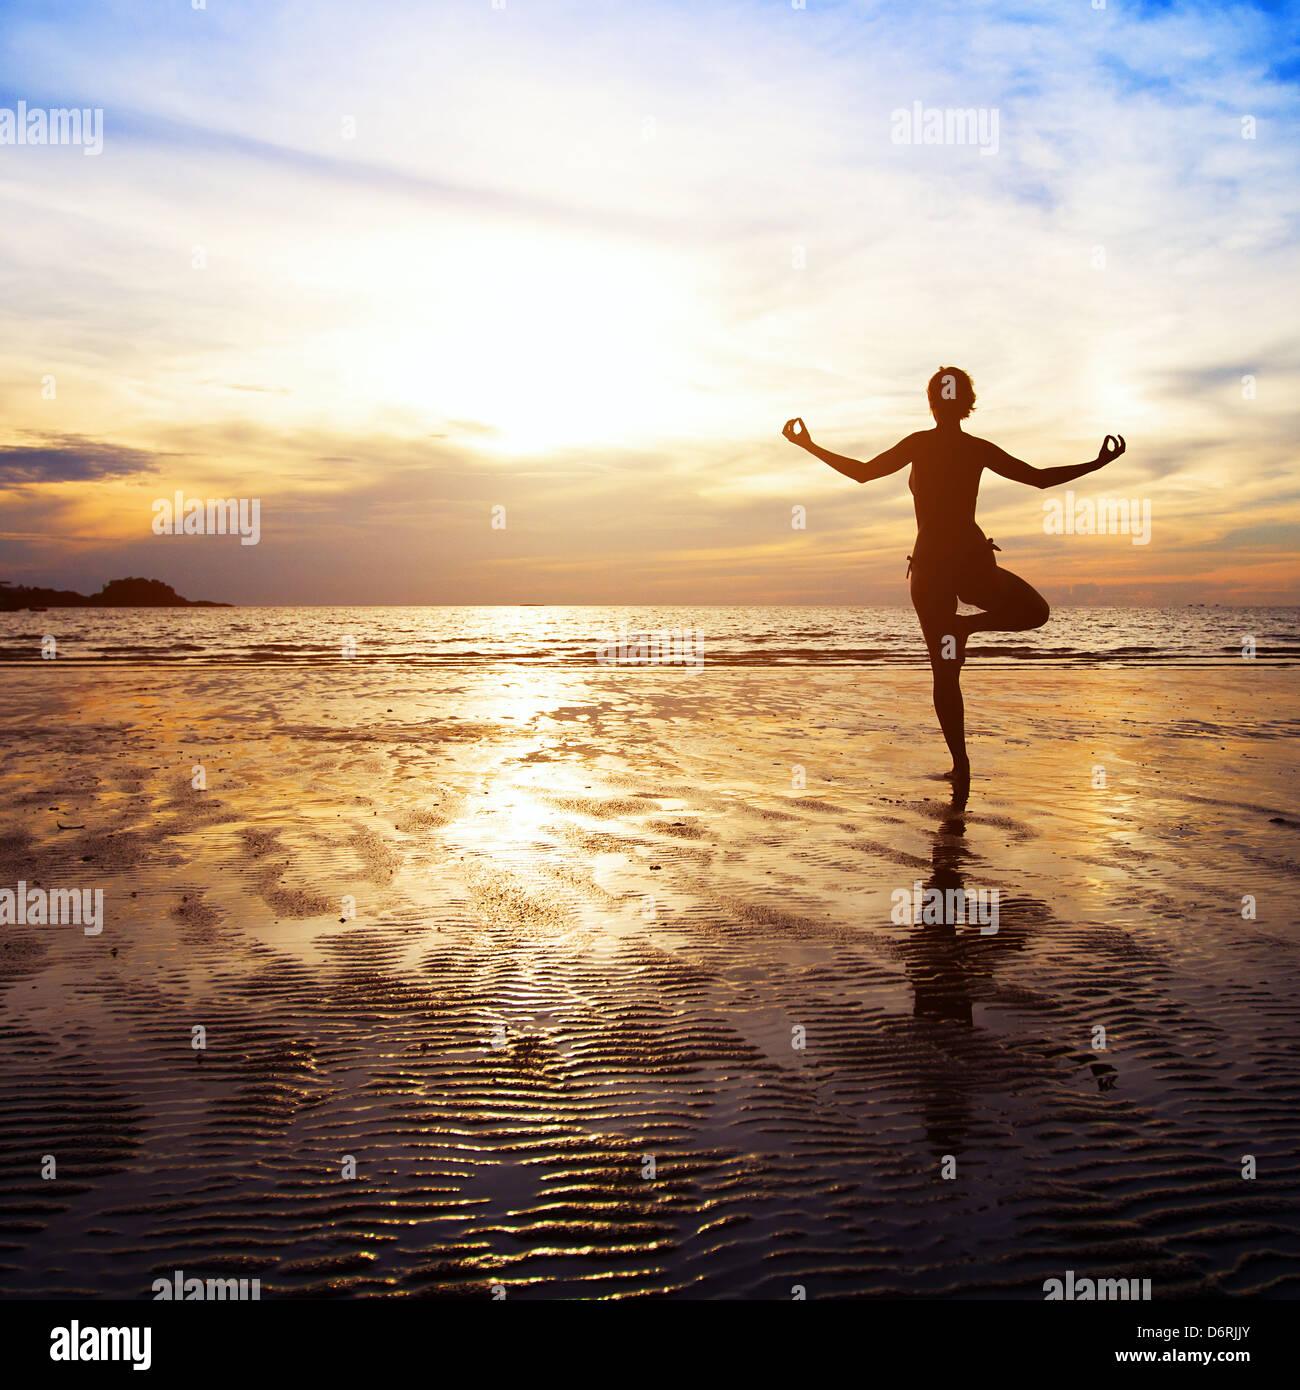 Bien-être concept, magnifique coucher de soleil sur la plage, woman practicing yoga Photo Stock